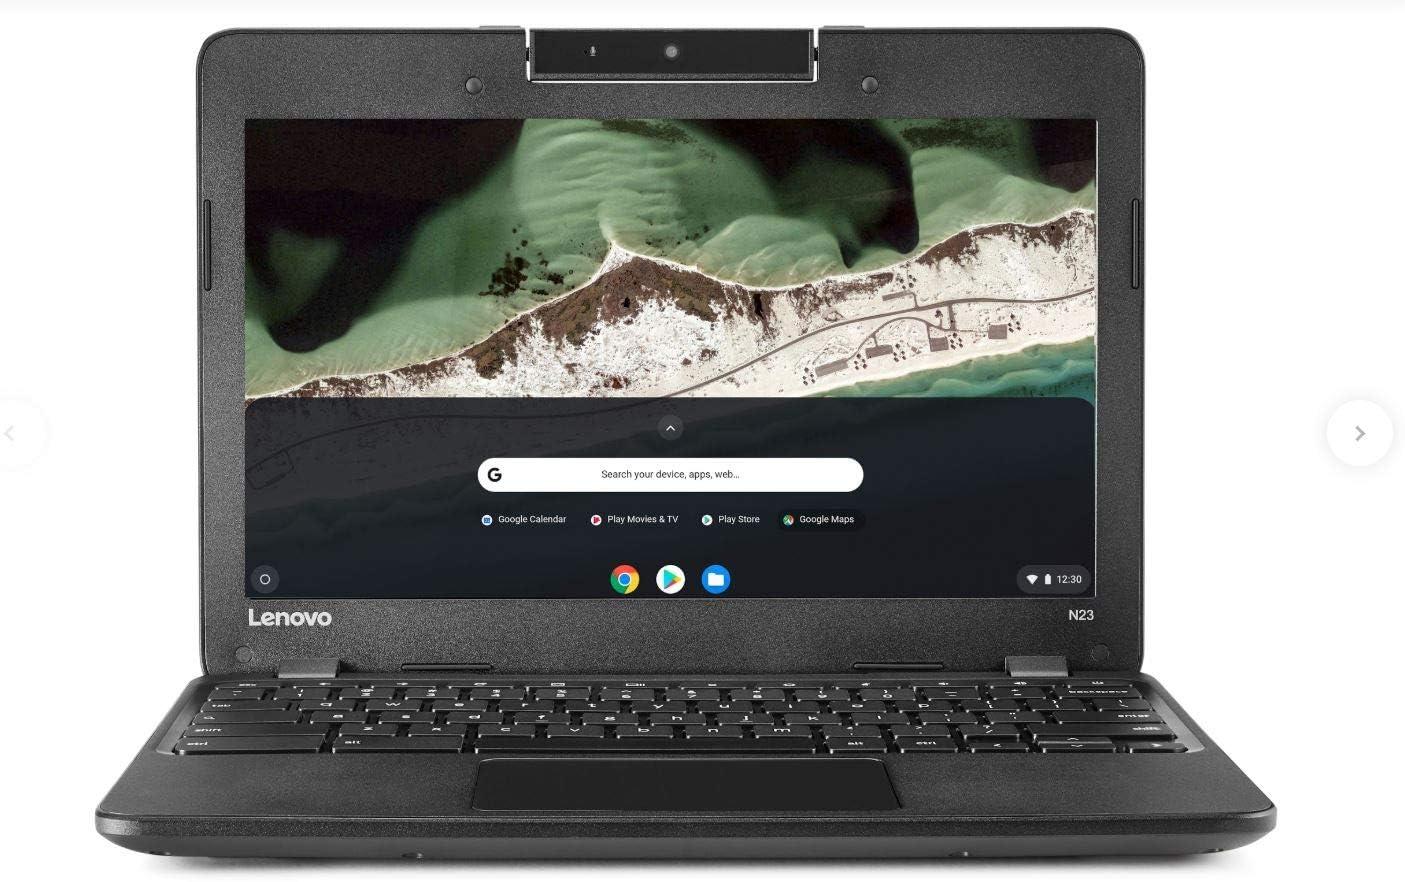 Lenovo N23 11.6 inches Chromebook PC - Intel N3060 1.6GHz 4GB 16GB Webcam Chrome OS (Renewed)